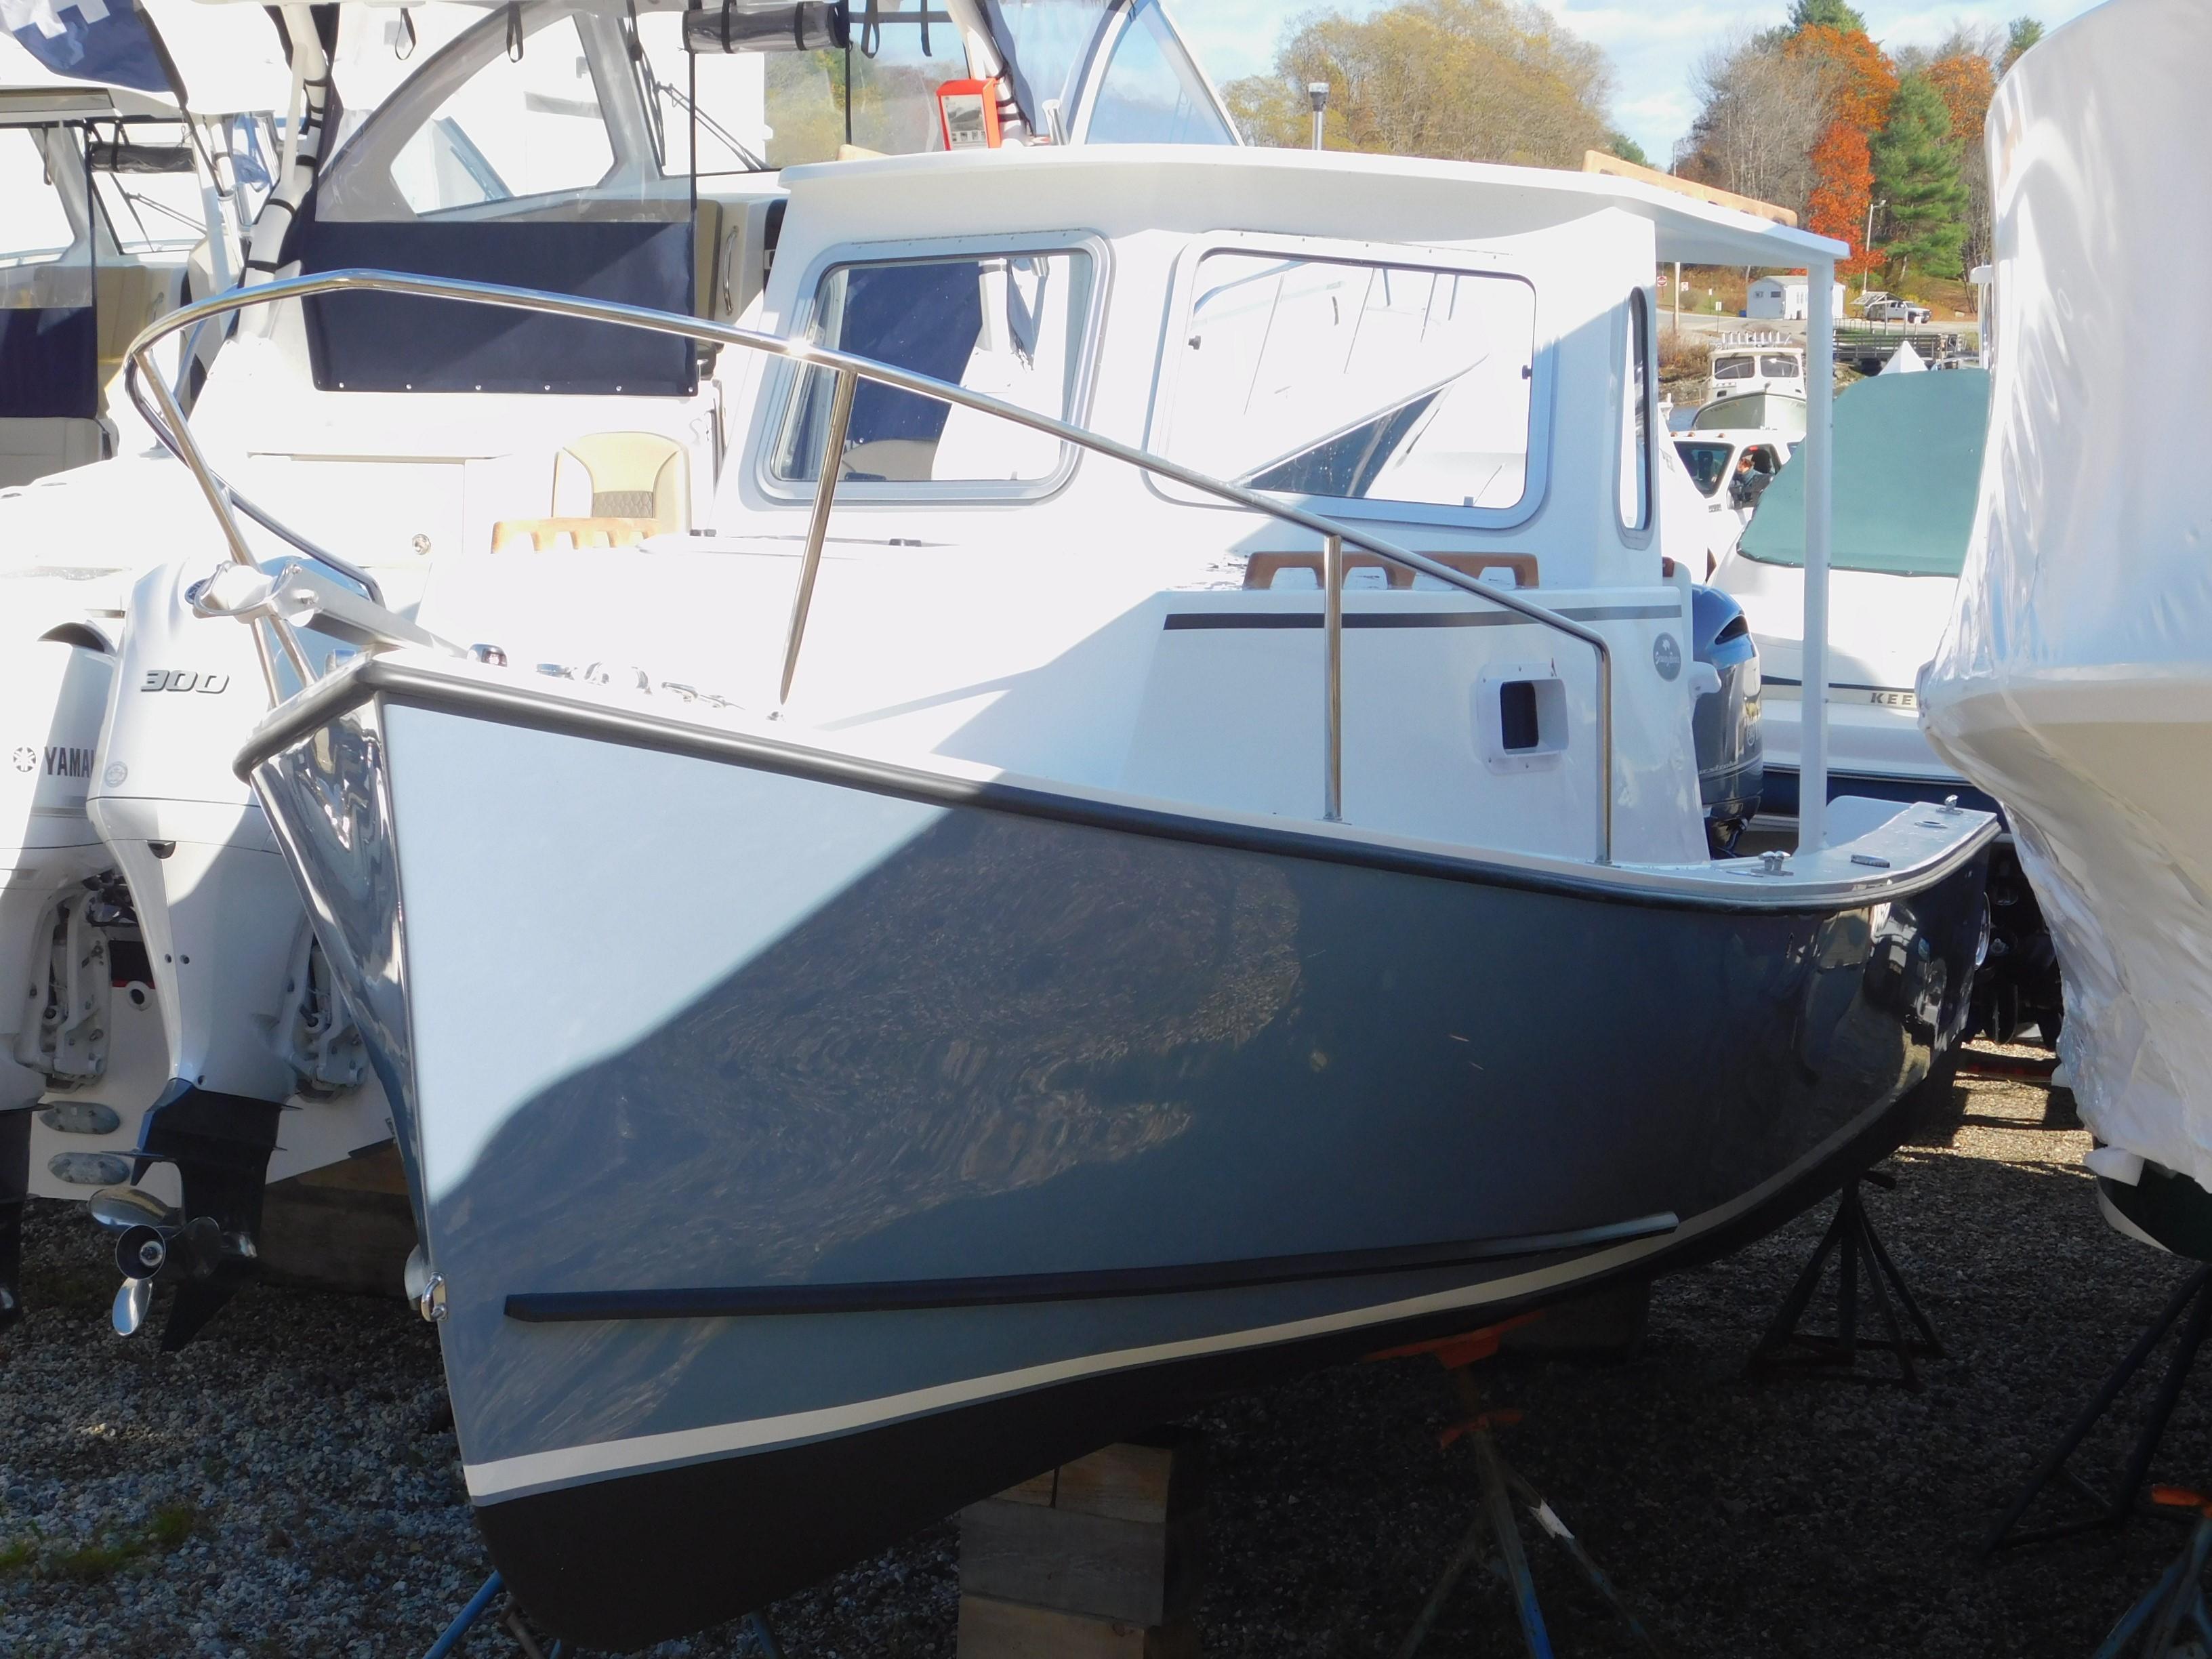 2020 Seaway 24 Hardtop Motor Båt til salgs